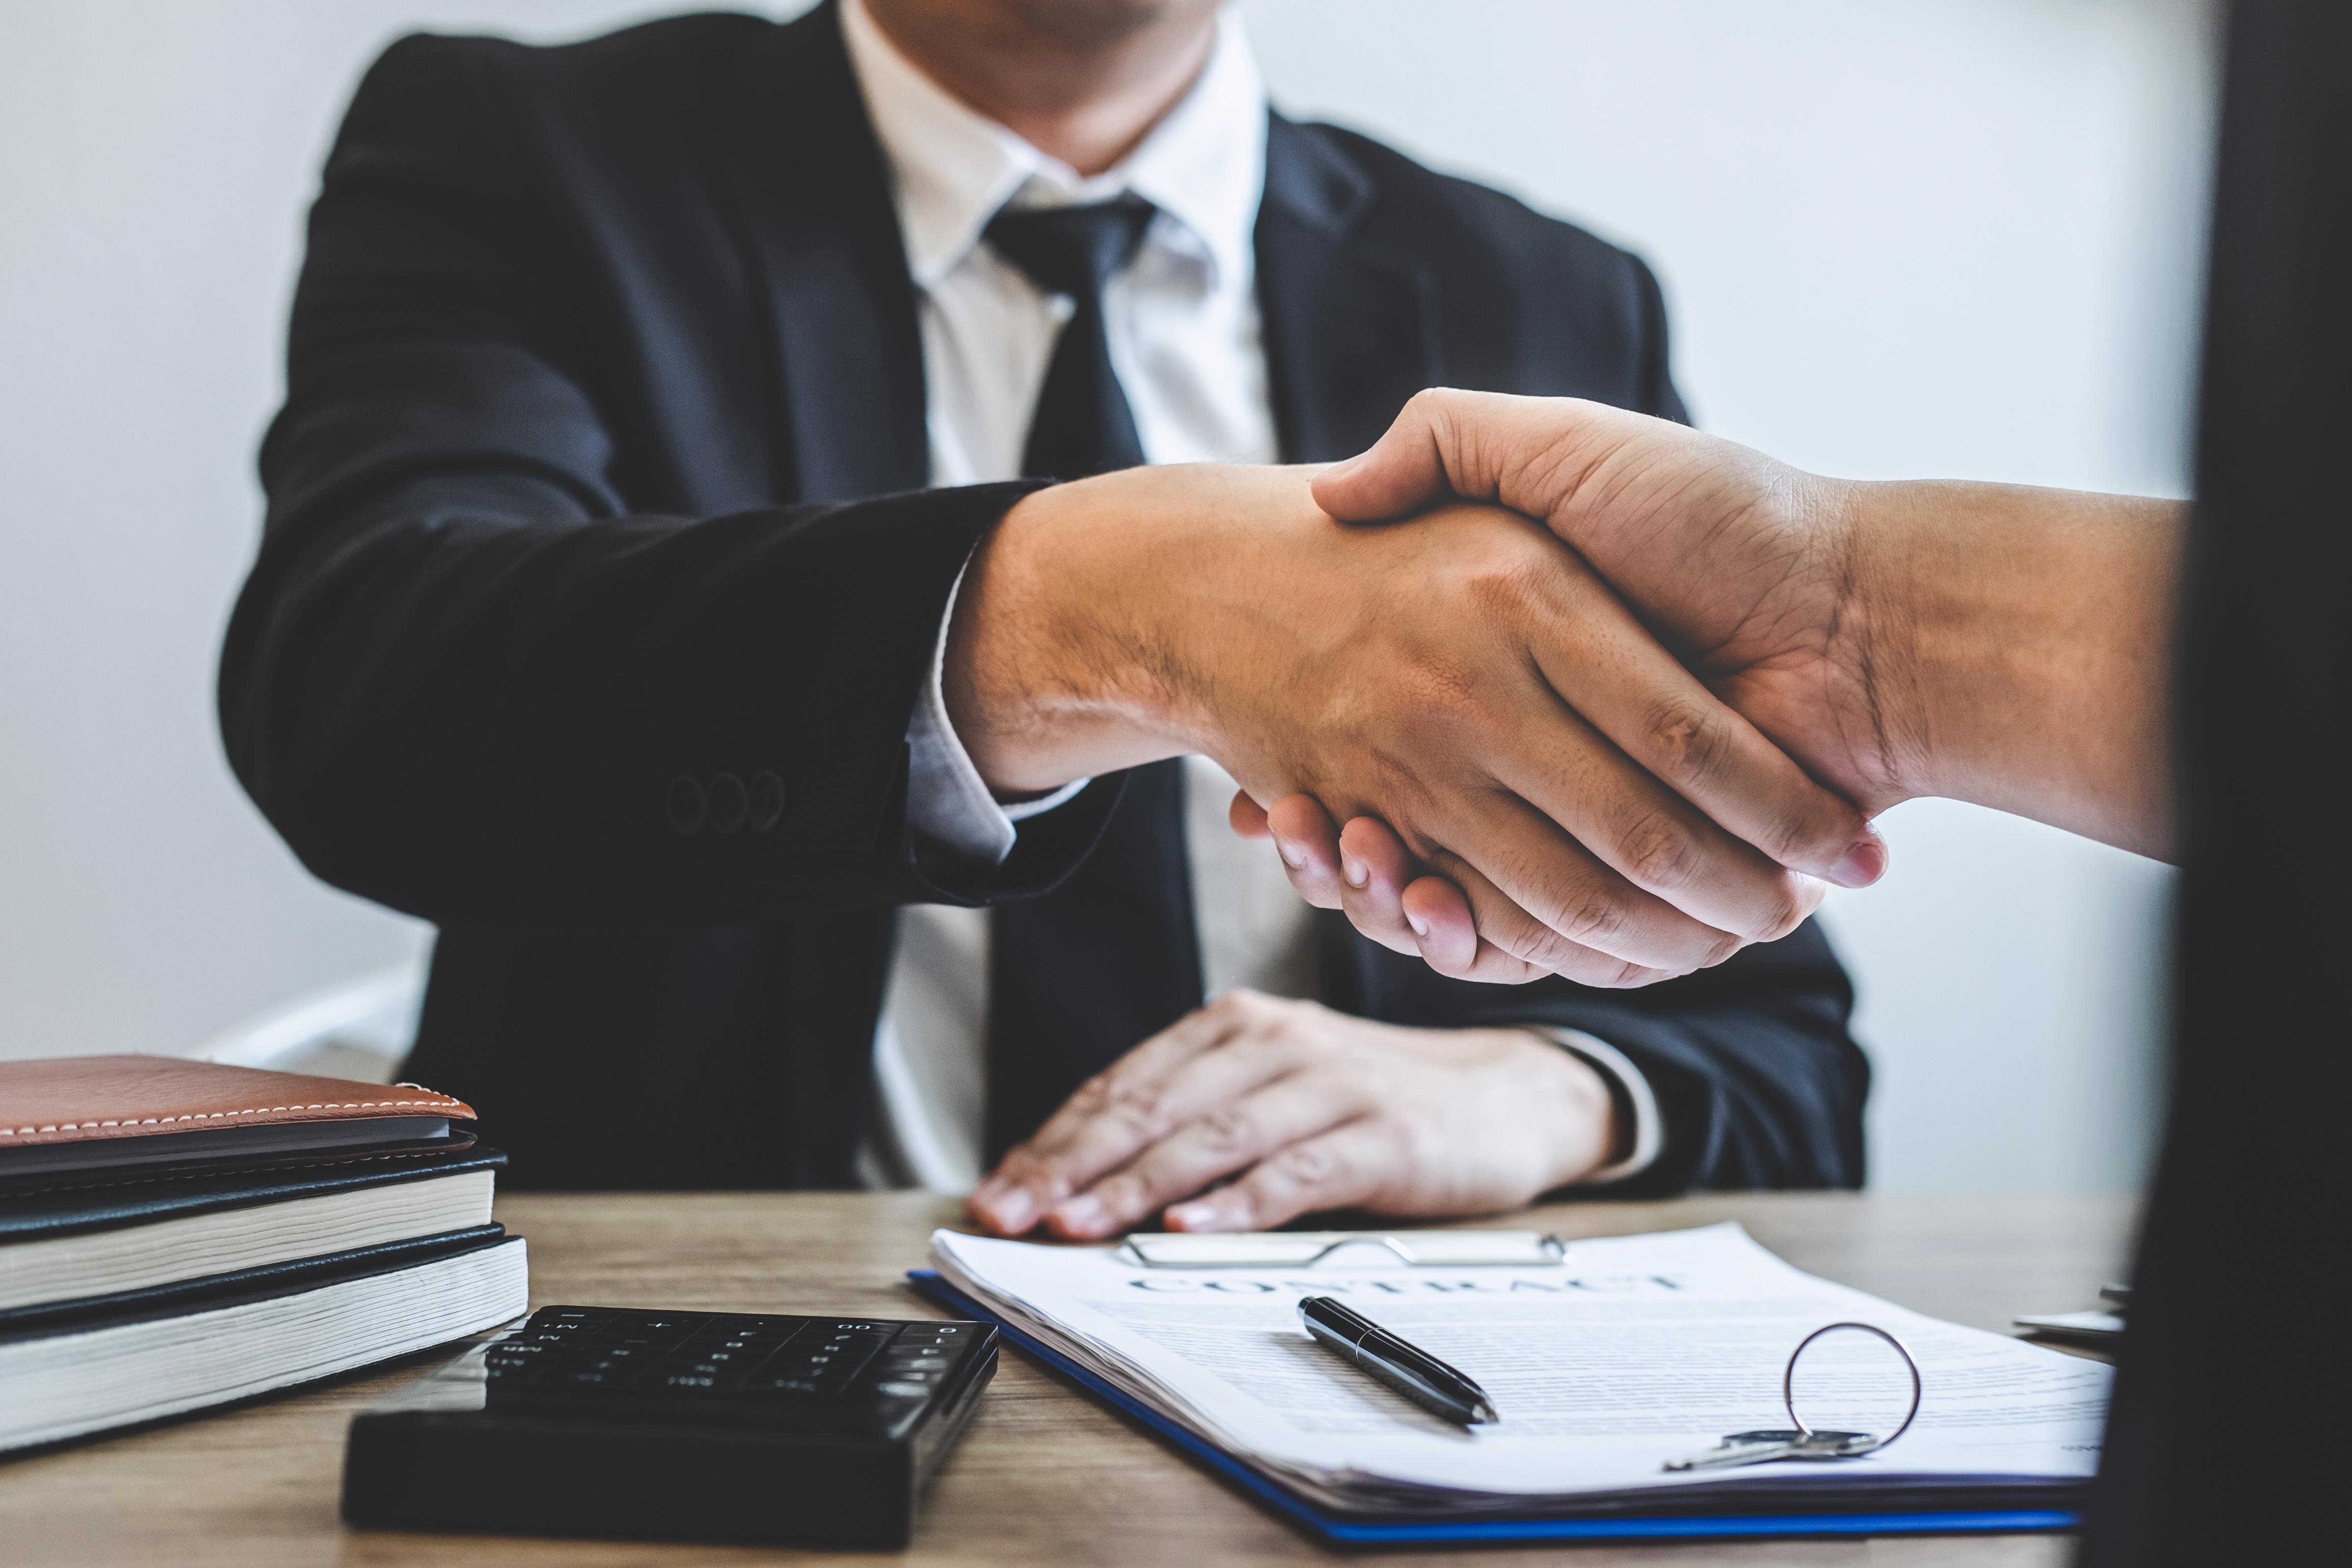 two gentlemen shaking hands after dealing.